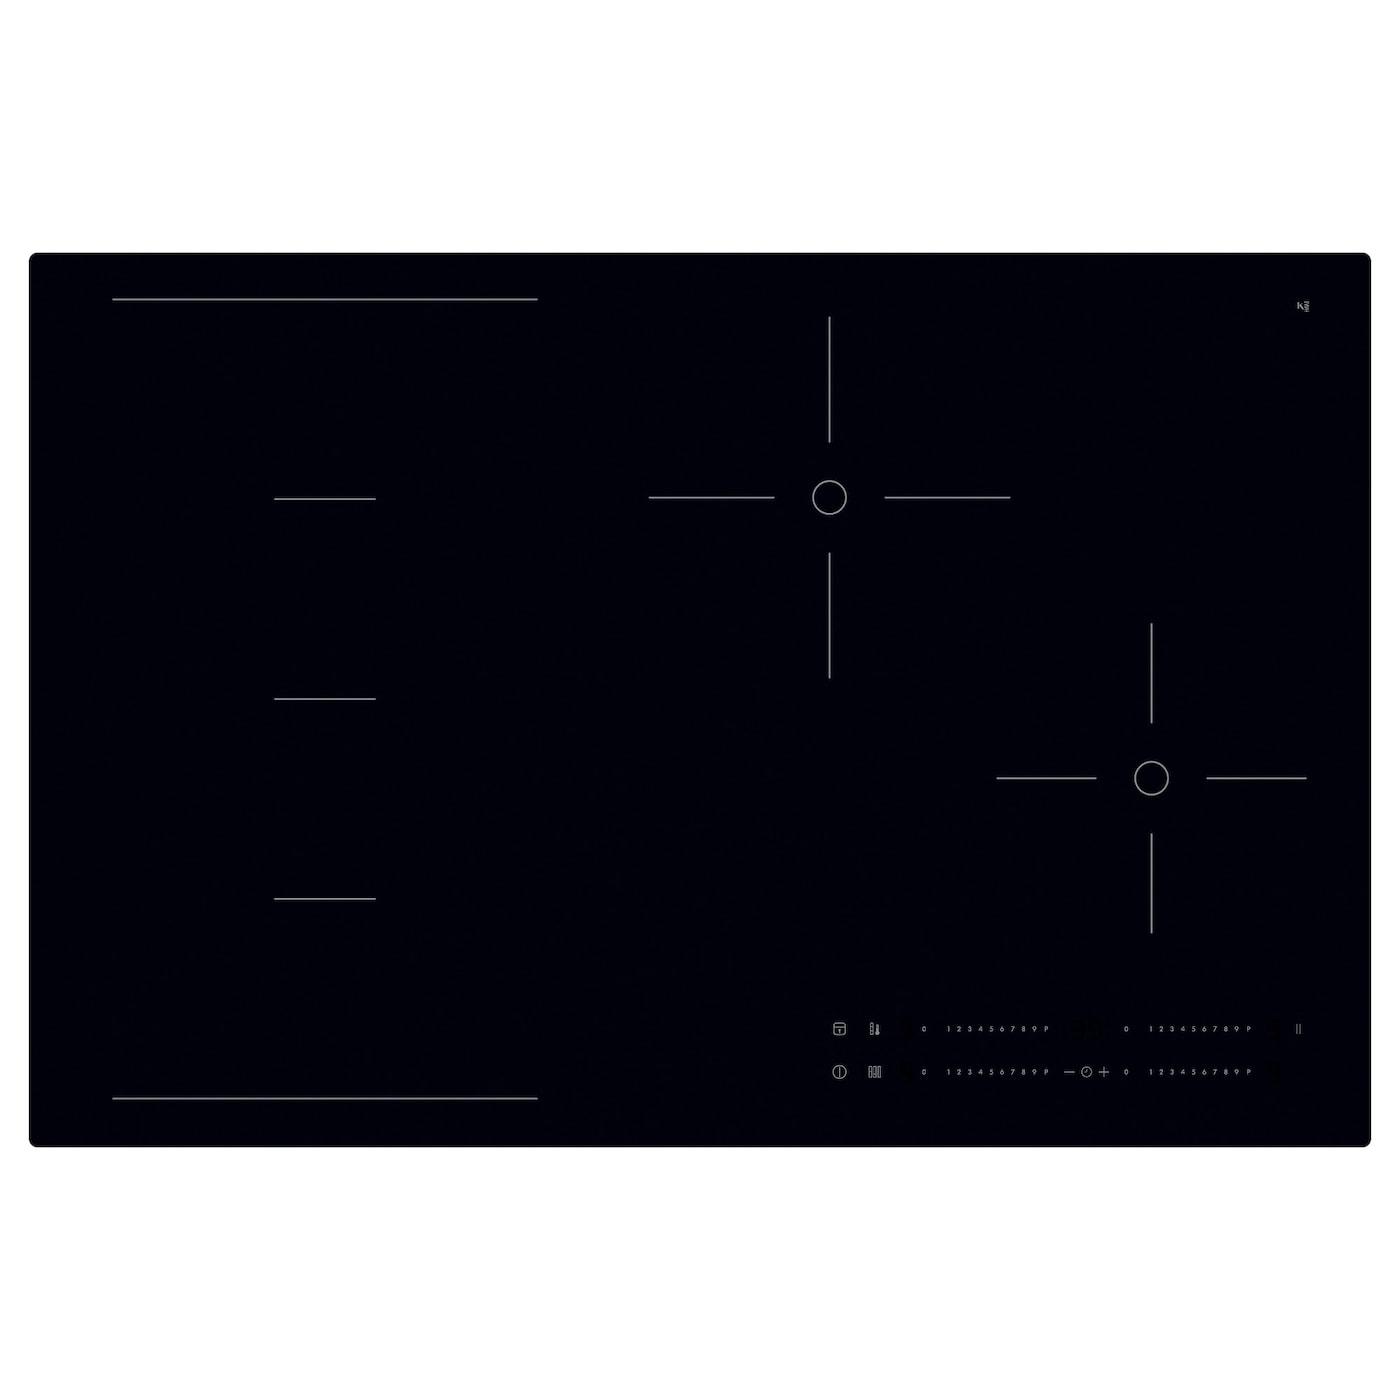 h gklassig induction hob black 78 cm ikea. Black Bedroom Furniture Sets. Home Design Ideas